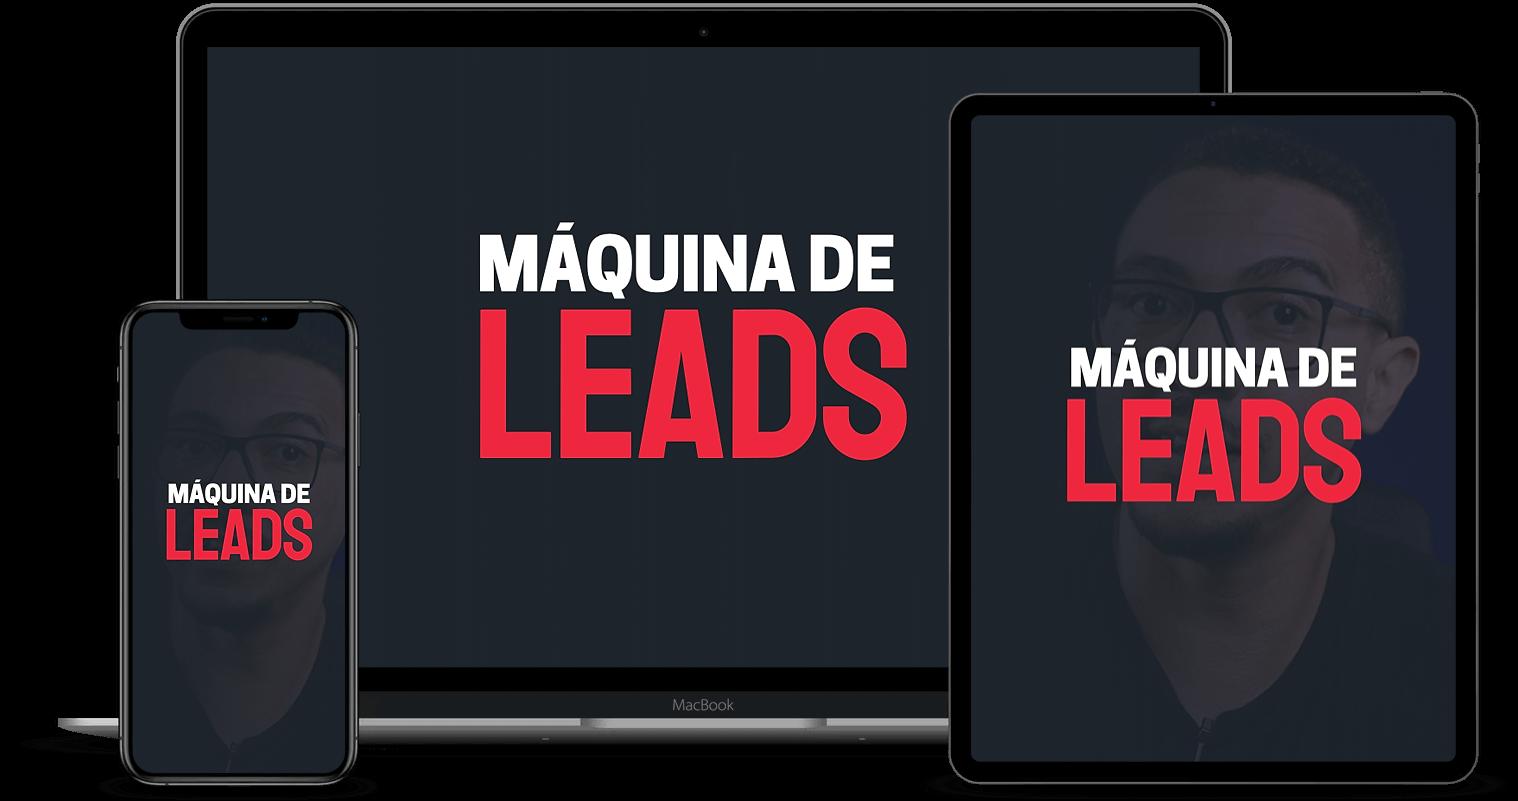 Máquina de Leads